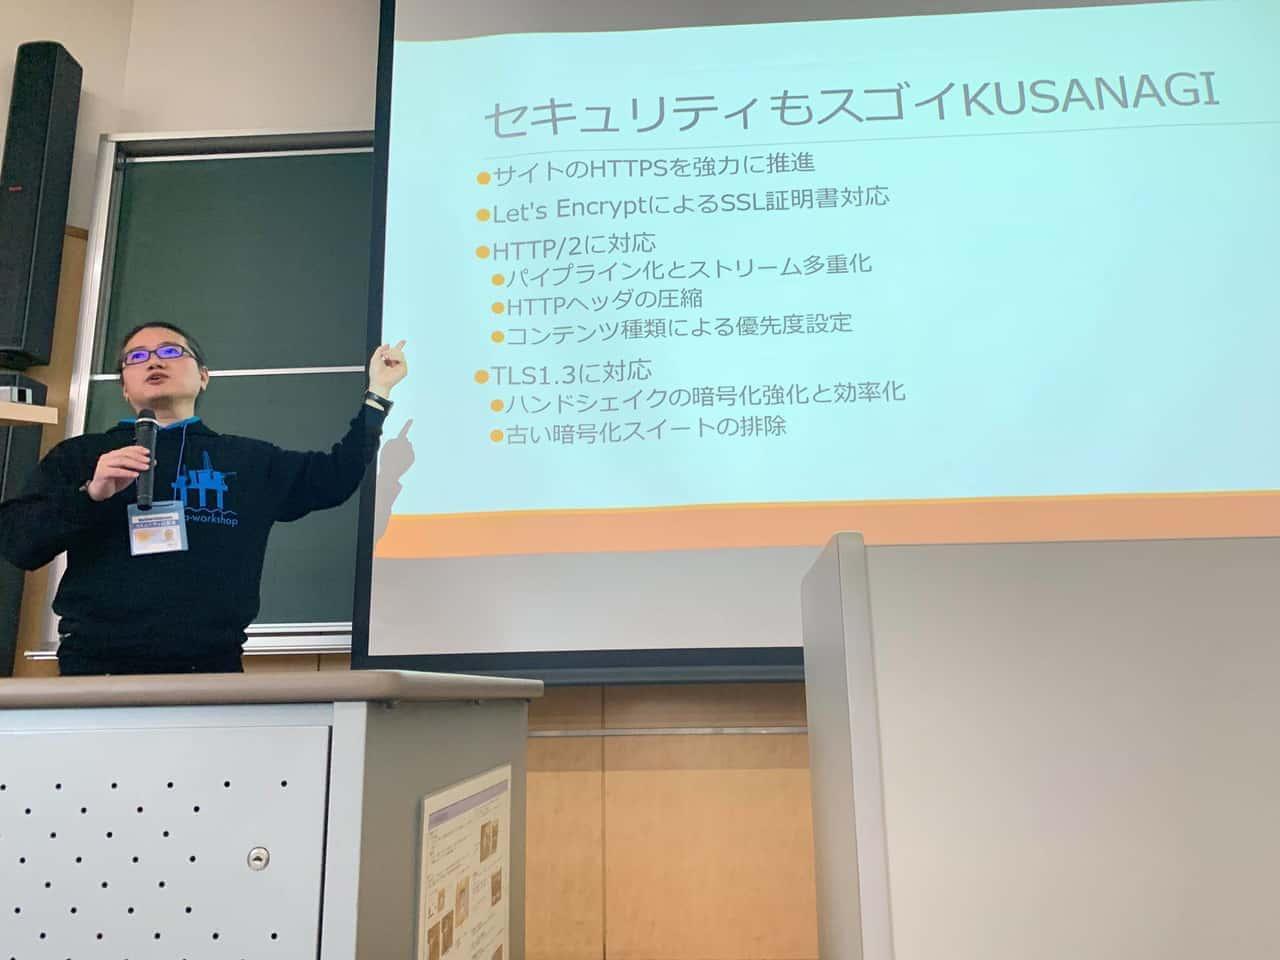 OSC 2019 Tokyo/Spring で講演しました